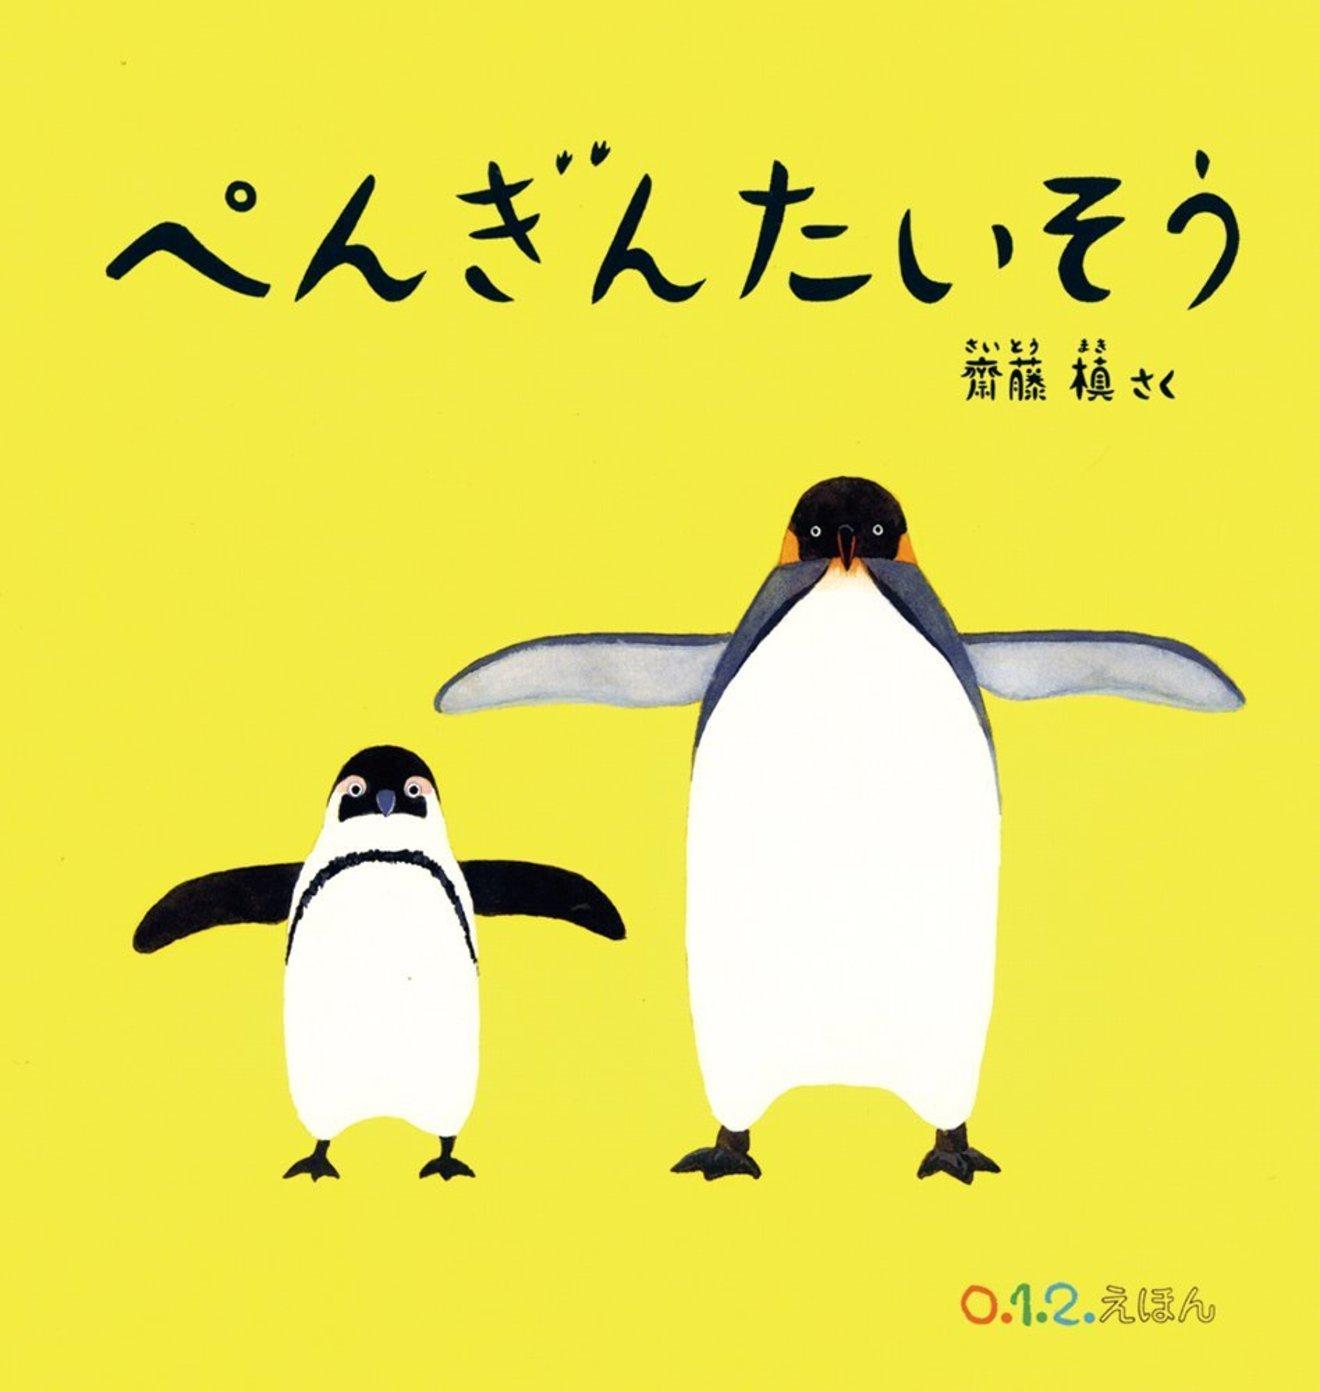 意外と知らないペンギンの生態!集団行動する理由に泣ける!